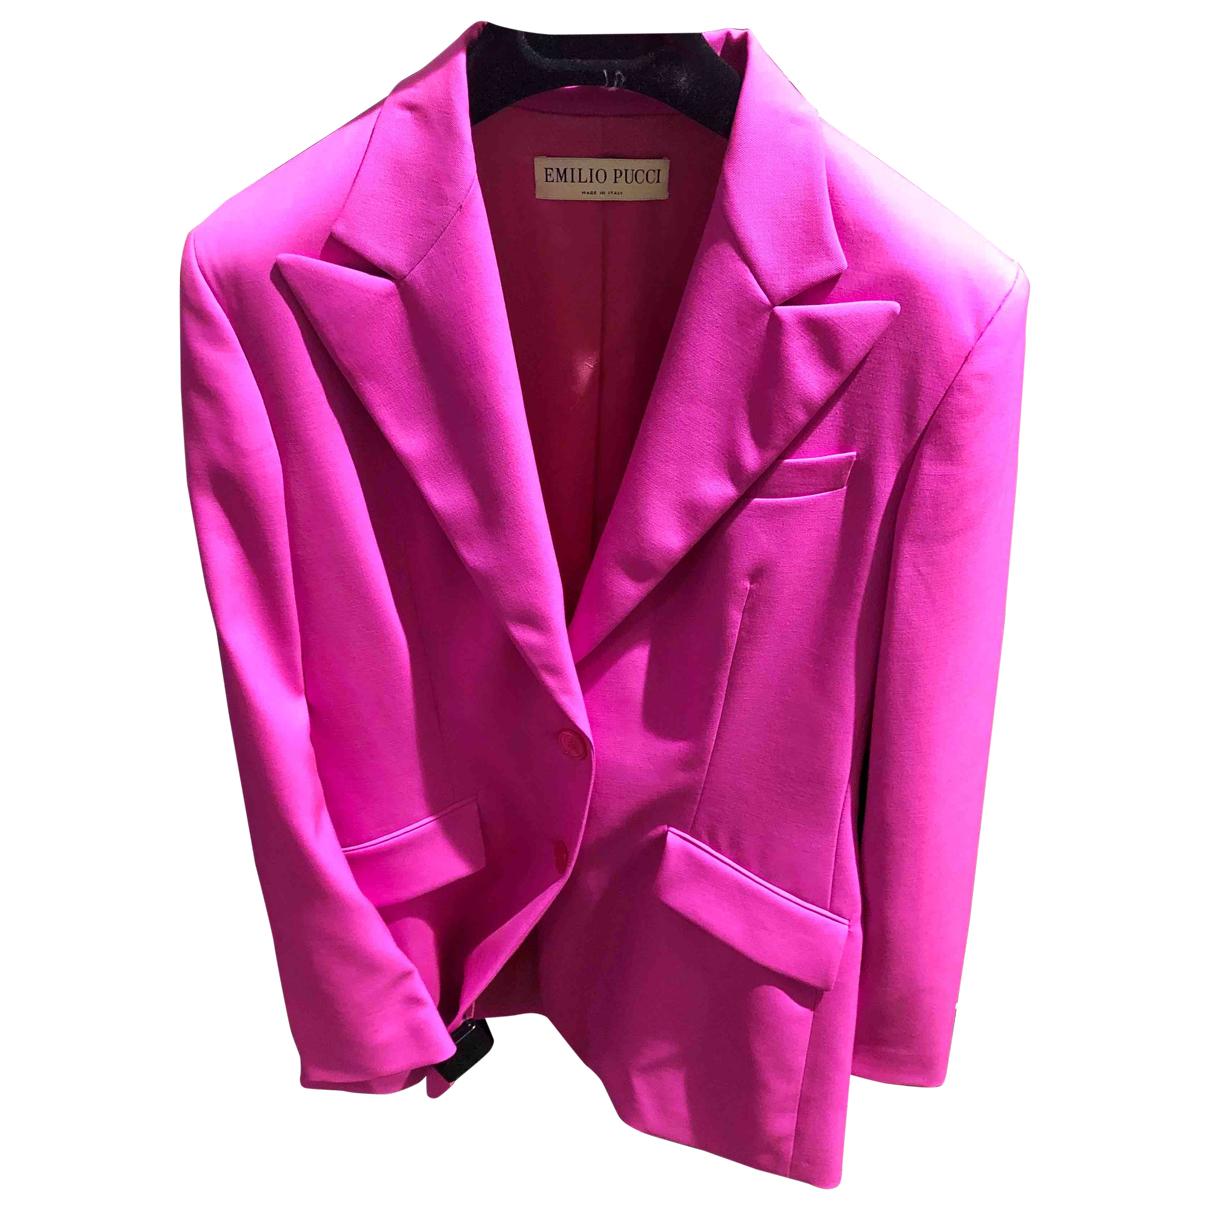 Emilio Pucci - Veste   pour femme en laine - rose